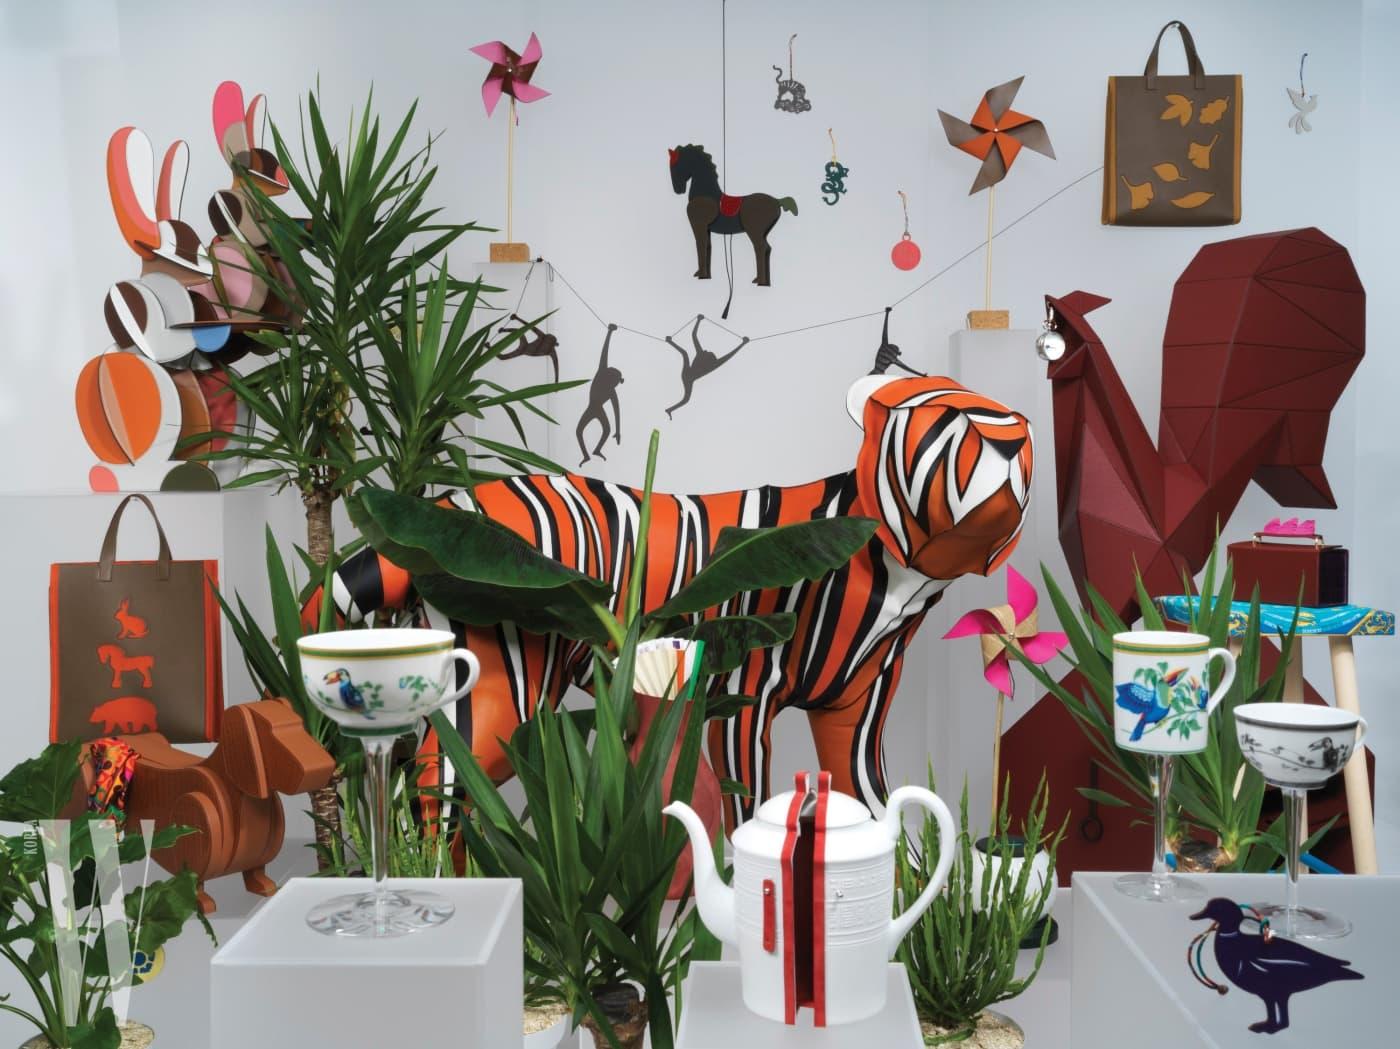 정연두 작가가 촬영한 쁘띠 아쉬 한국 전시 이미지. 총 5점의 시리즈로 구성되어 풀숲이 무성한 가운데 동물의 이미지들을 위트 있게 표현했다.